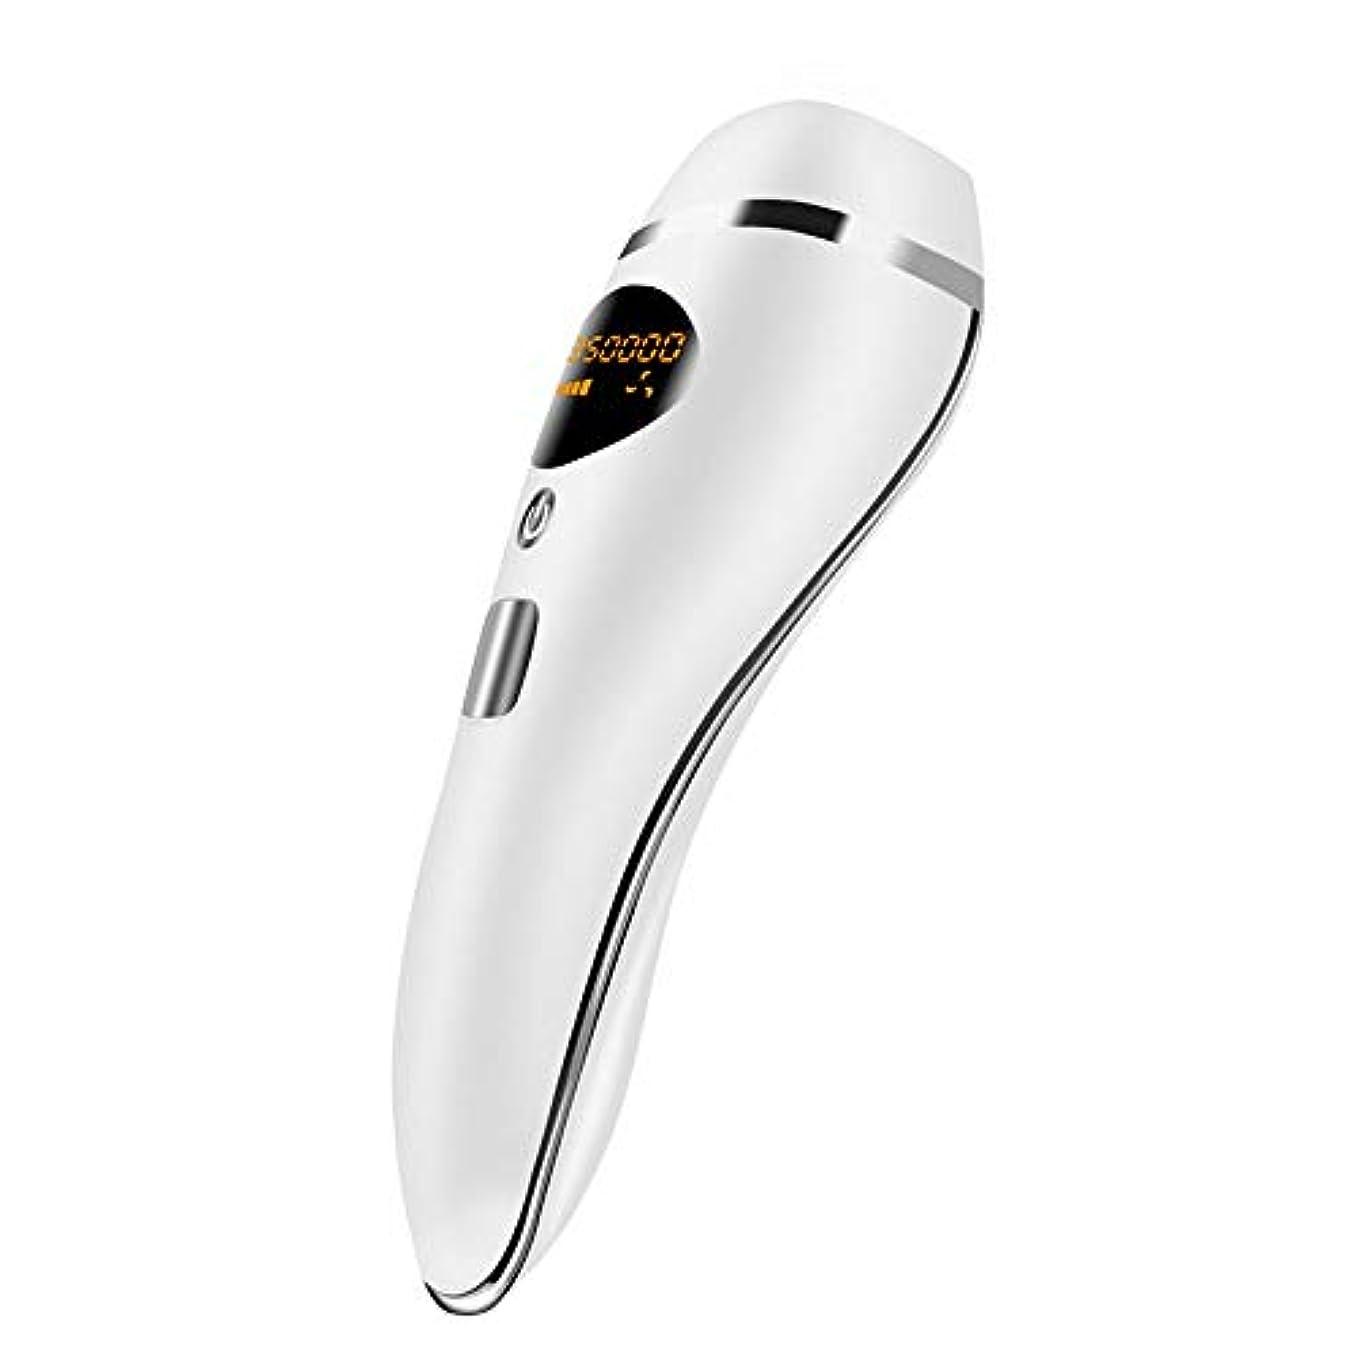 乳剤聴覚障害者大通り自動全身無痛脱毛剤、ホワイト、ポータブルパーマネントヘアリムーバー、デュアルモード、5速調整、サイズ20.5x7cm 安全性